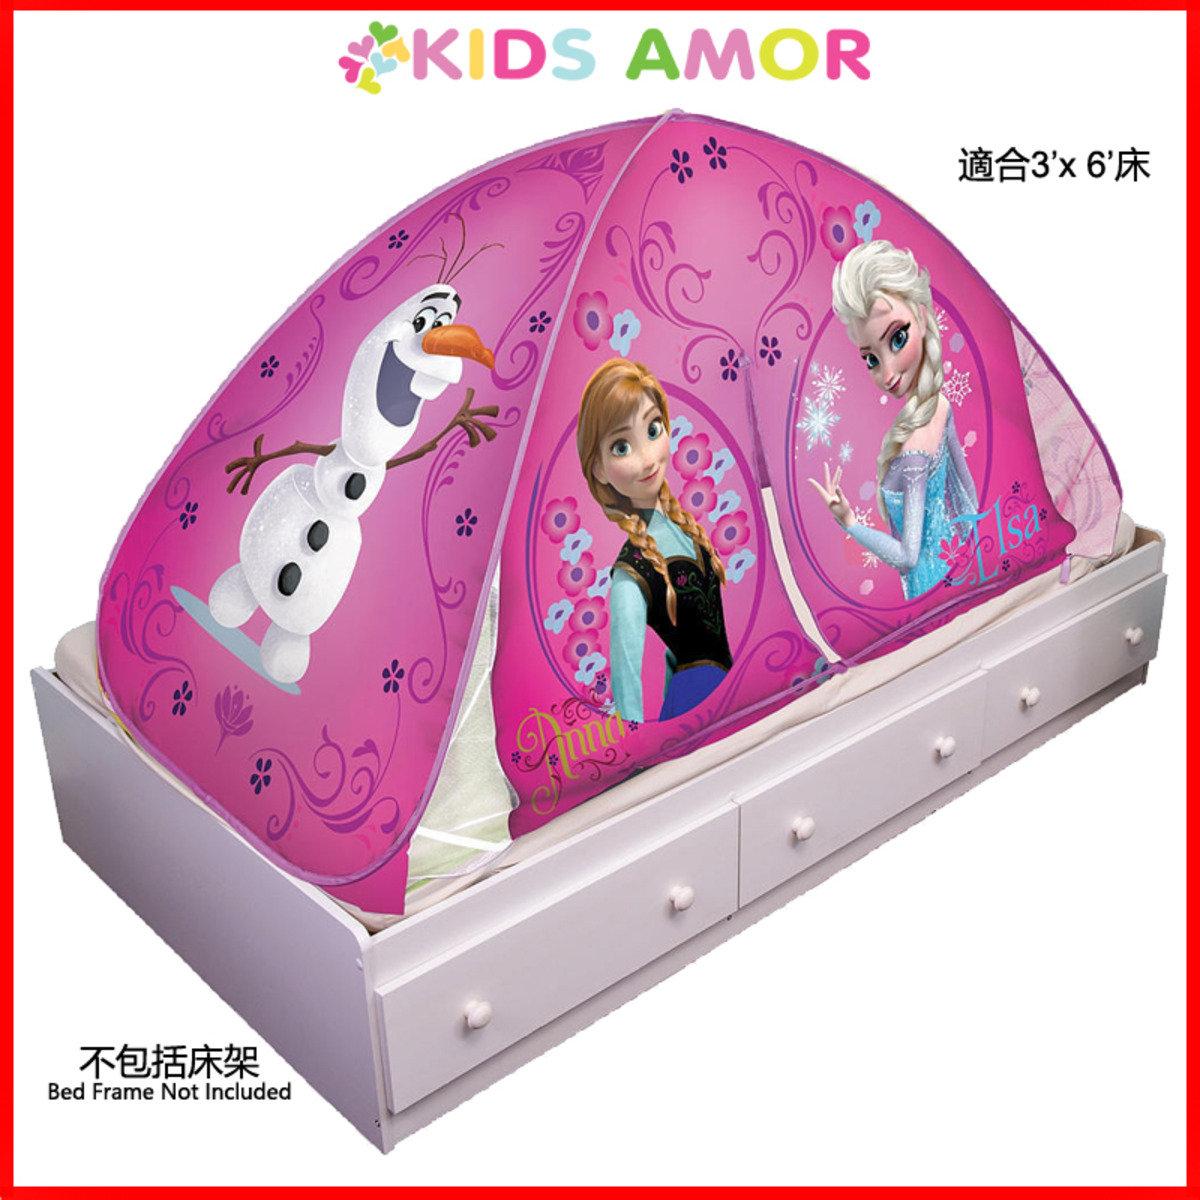 迪士尼魔雪奇緣床蓬 (適合3'x6'床) + 按燈